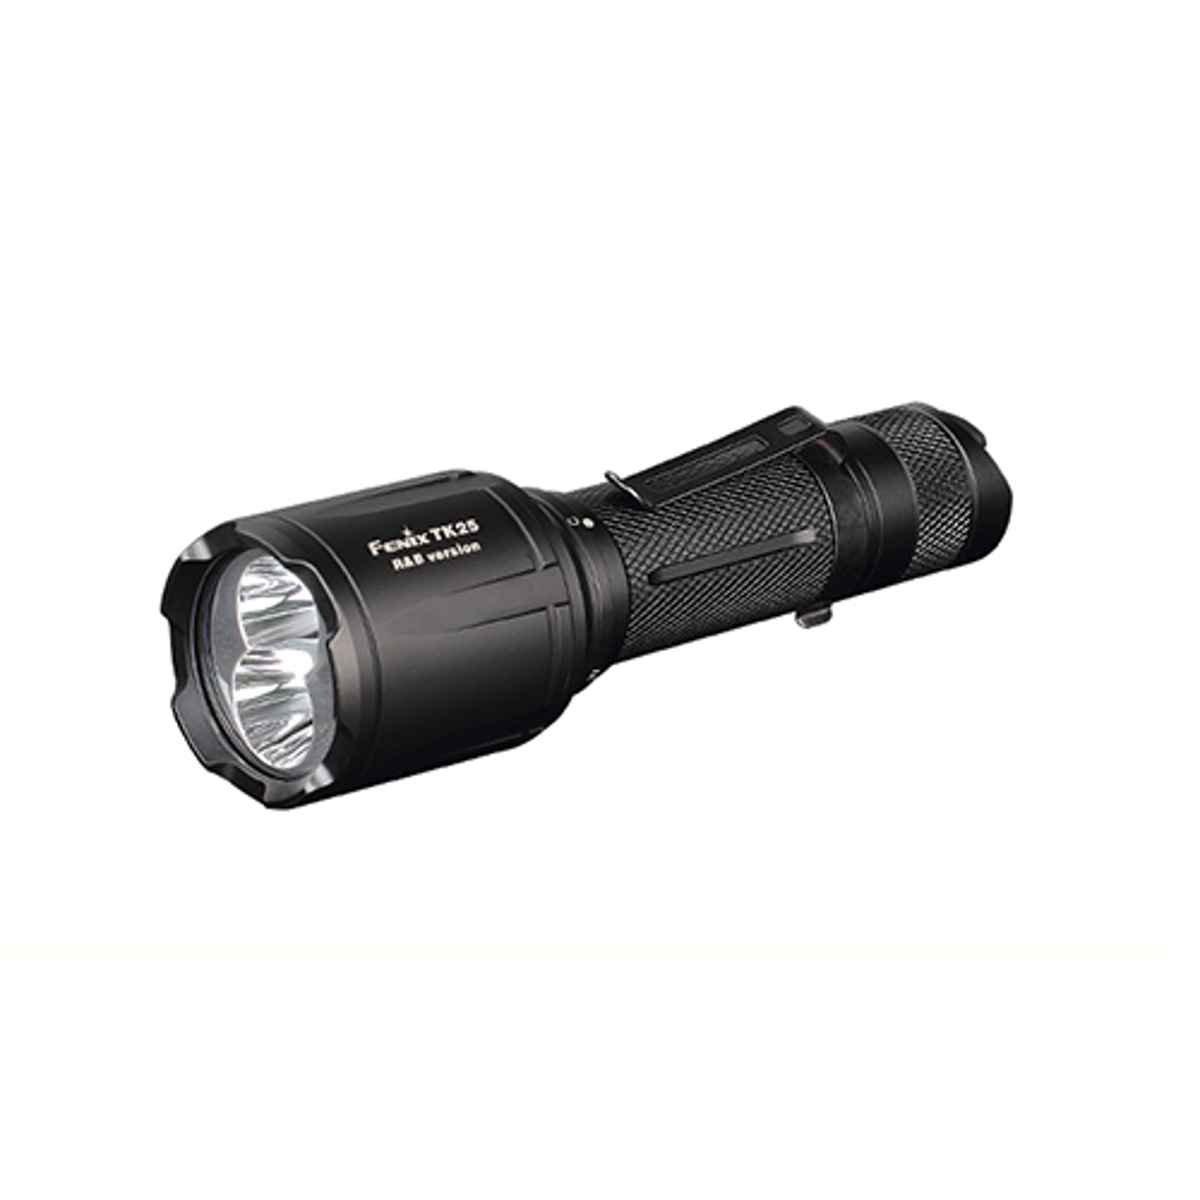 Fenix TK25ROT rote und weiße LED Taschenlampe exkl bei Benture